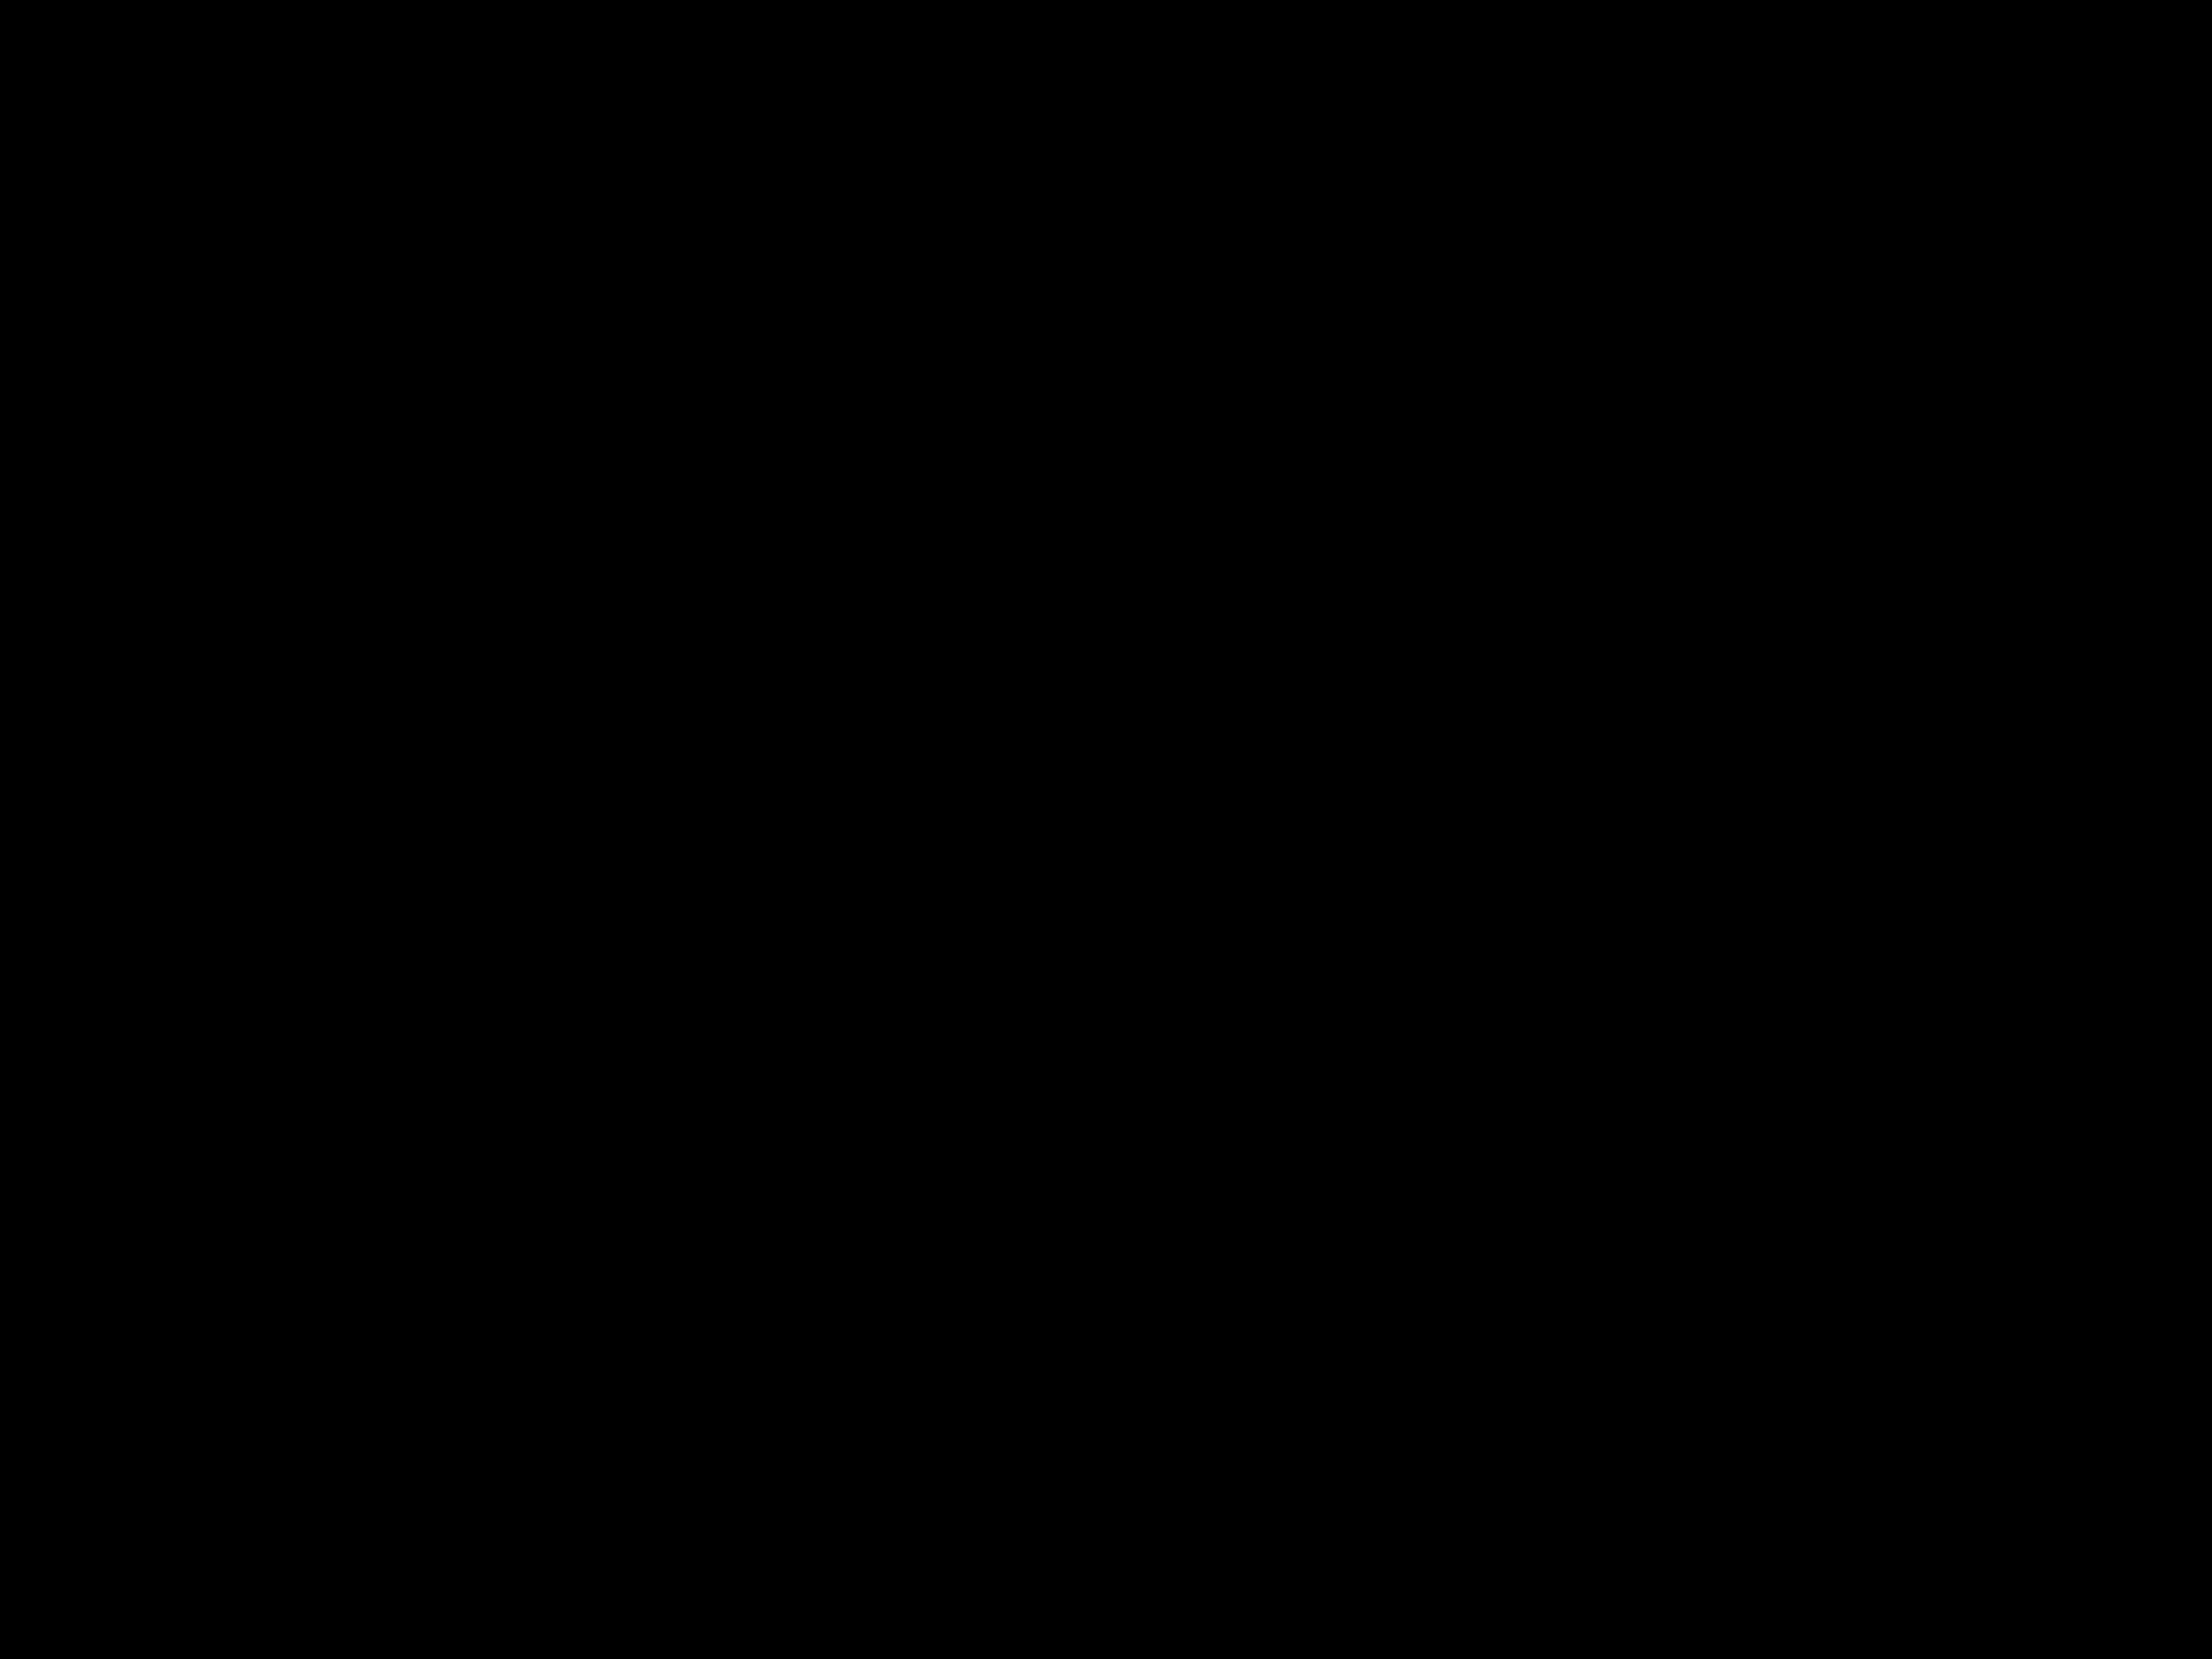 Chinatown's Token